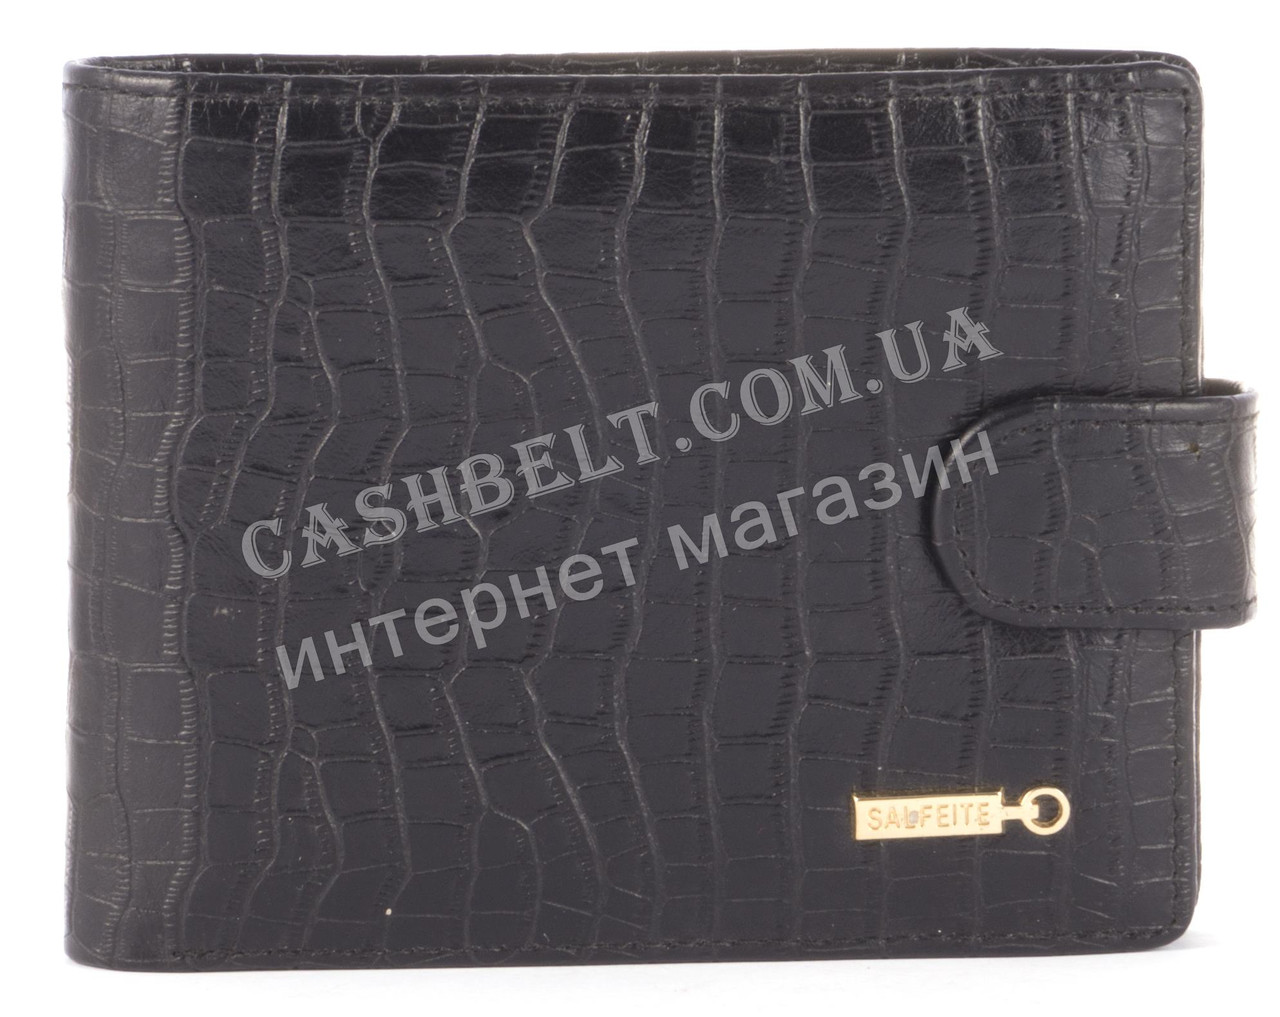 Міцний зручний гаманець з візитницею з натуральної якісної шкіри SALFEITE art. 2257SL-D71 чорний